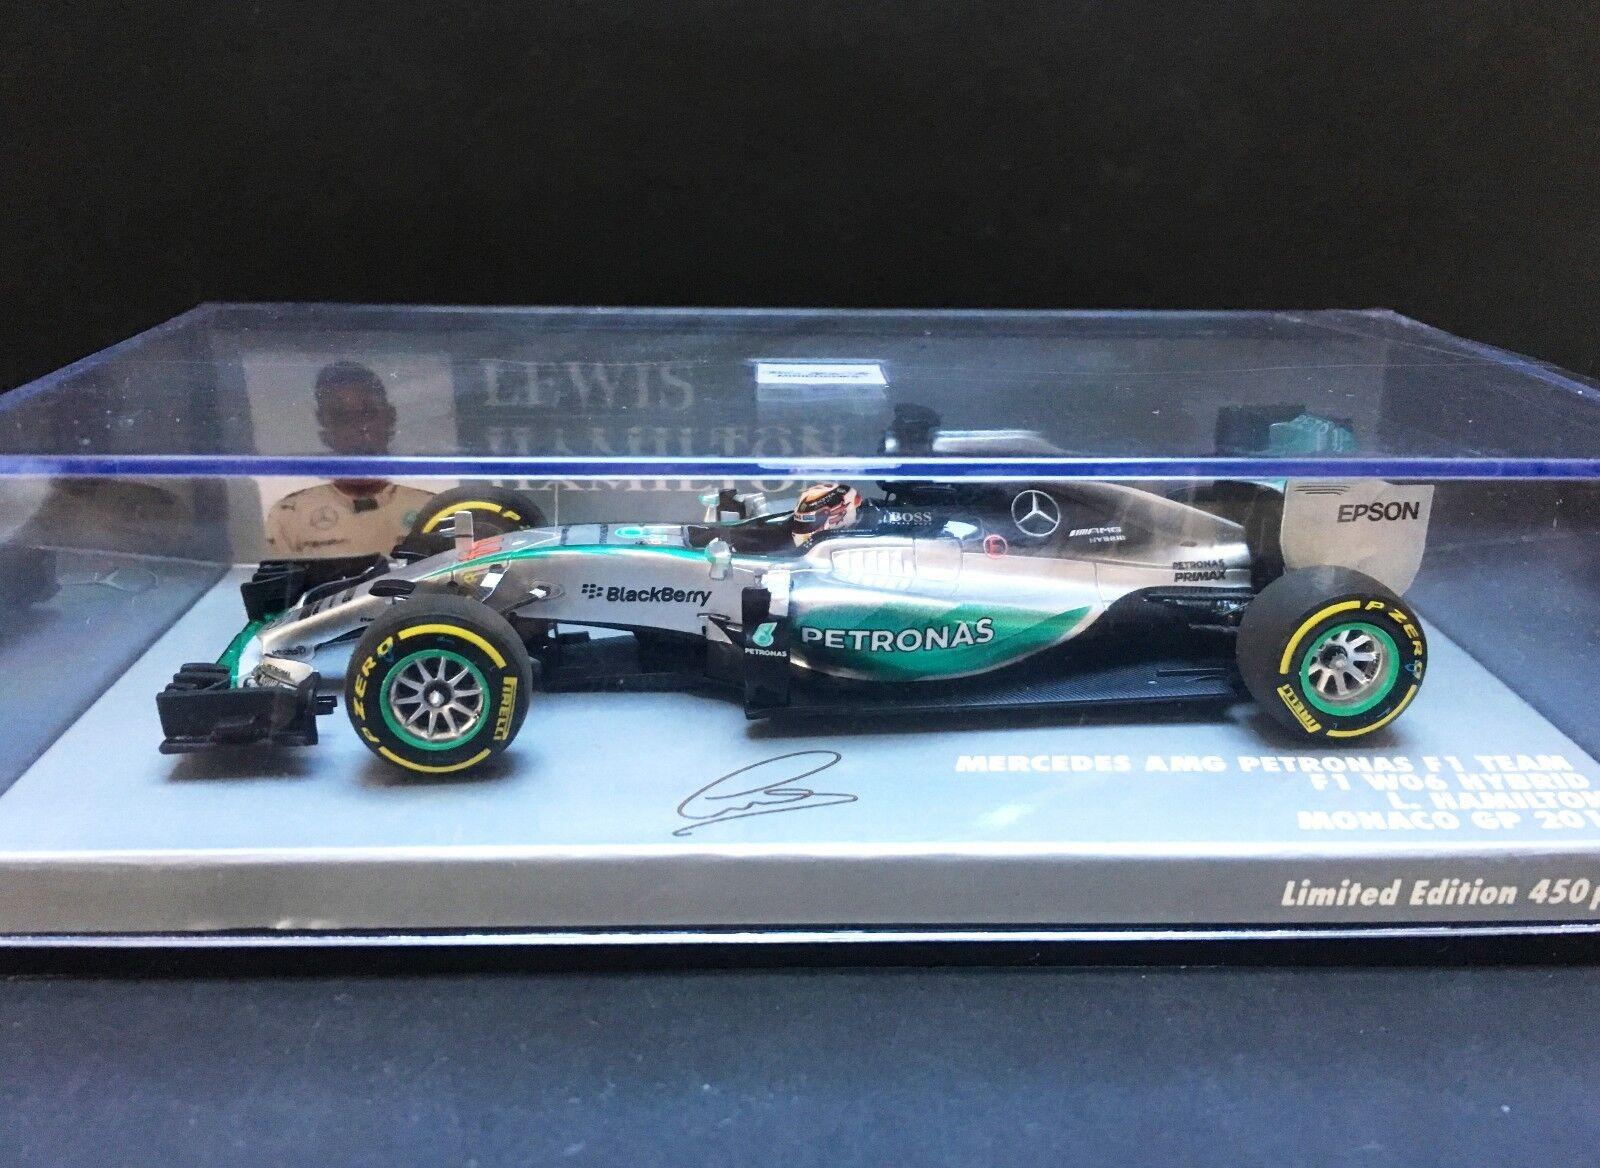 Minichamps - Lewis Hamilton  - Mercedes Petronas - W06 - 1 43 - Monaco GP - 2015  haute qualité